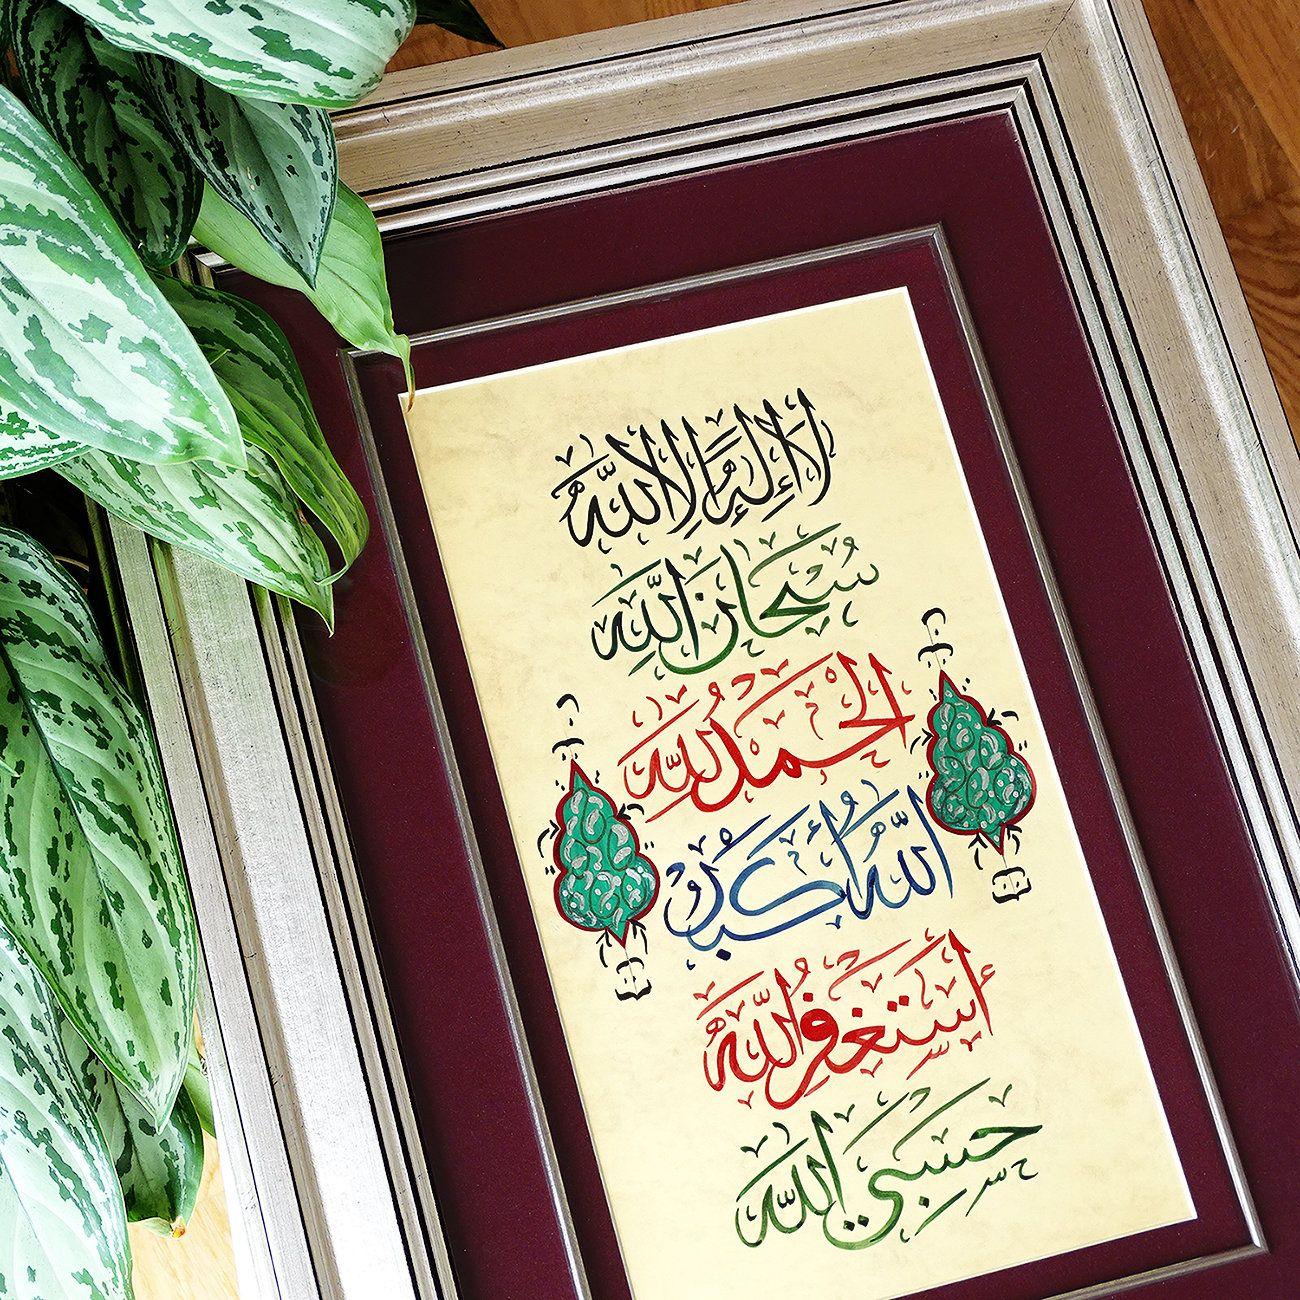 Islam Wall Art Subhanallah Allahu Akbar Alhamdulillah Dua